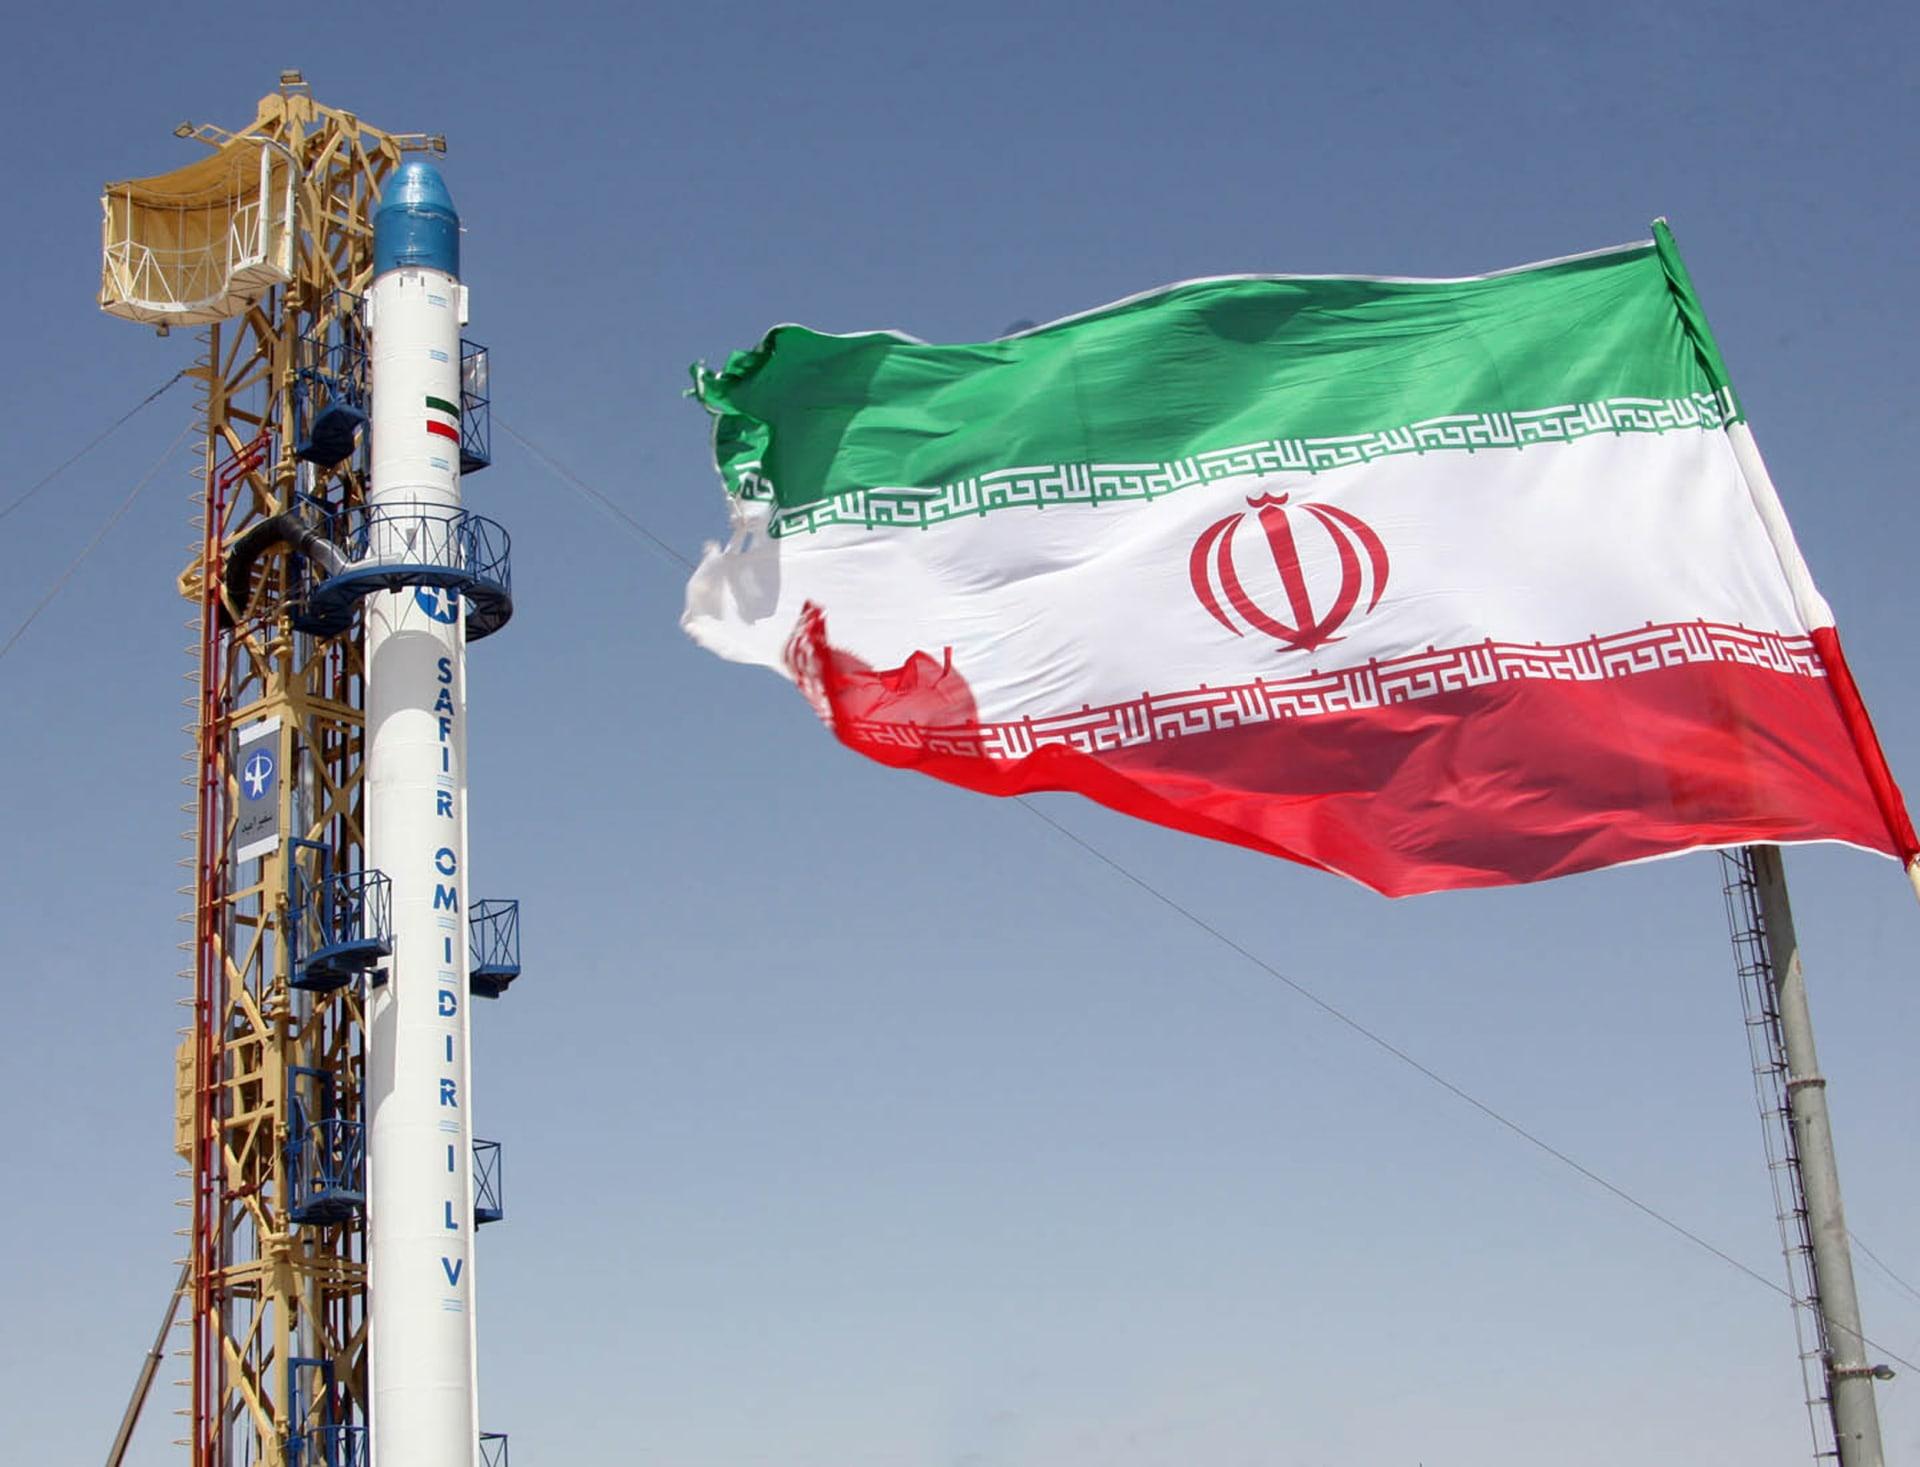 """إيران تُعدم صحفيا إيرانيا اتهمته بـ""""الإفساد في الأرض"""" واعتقله الحرس الثوري"""